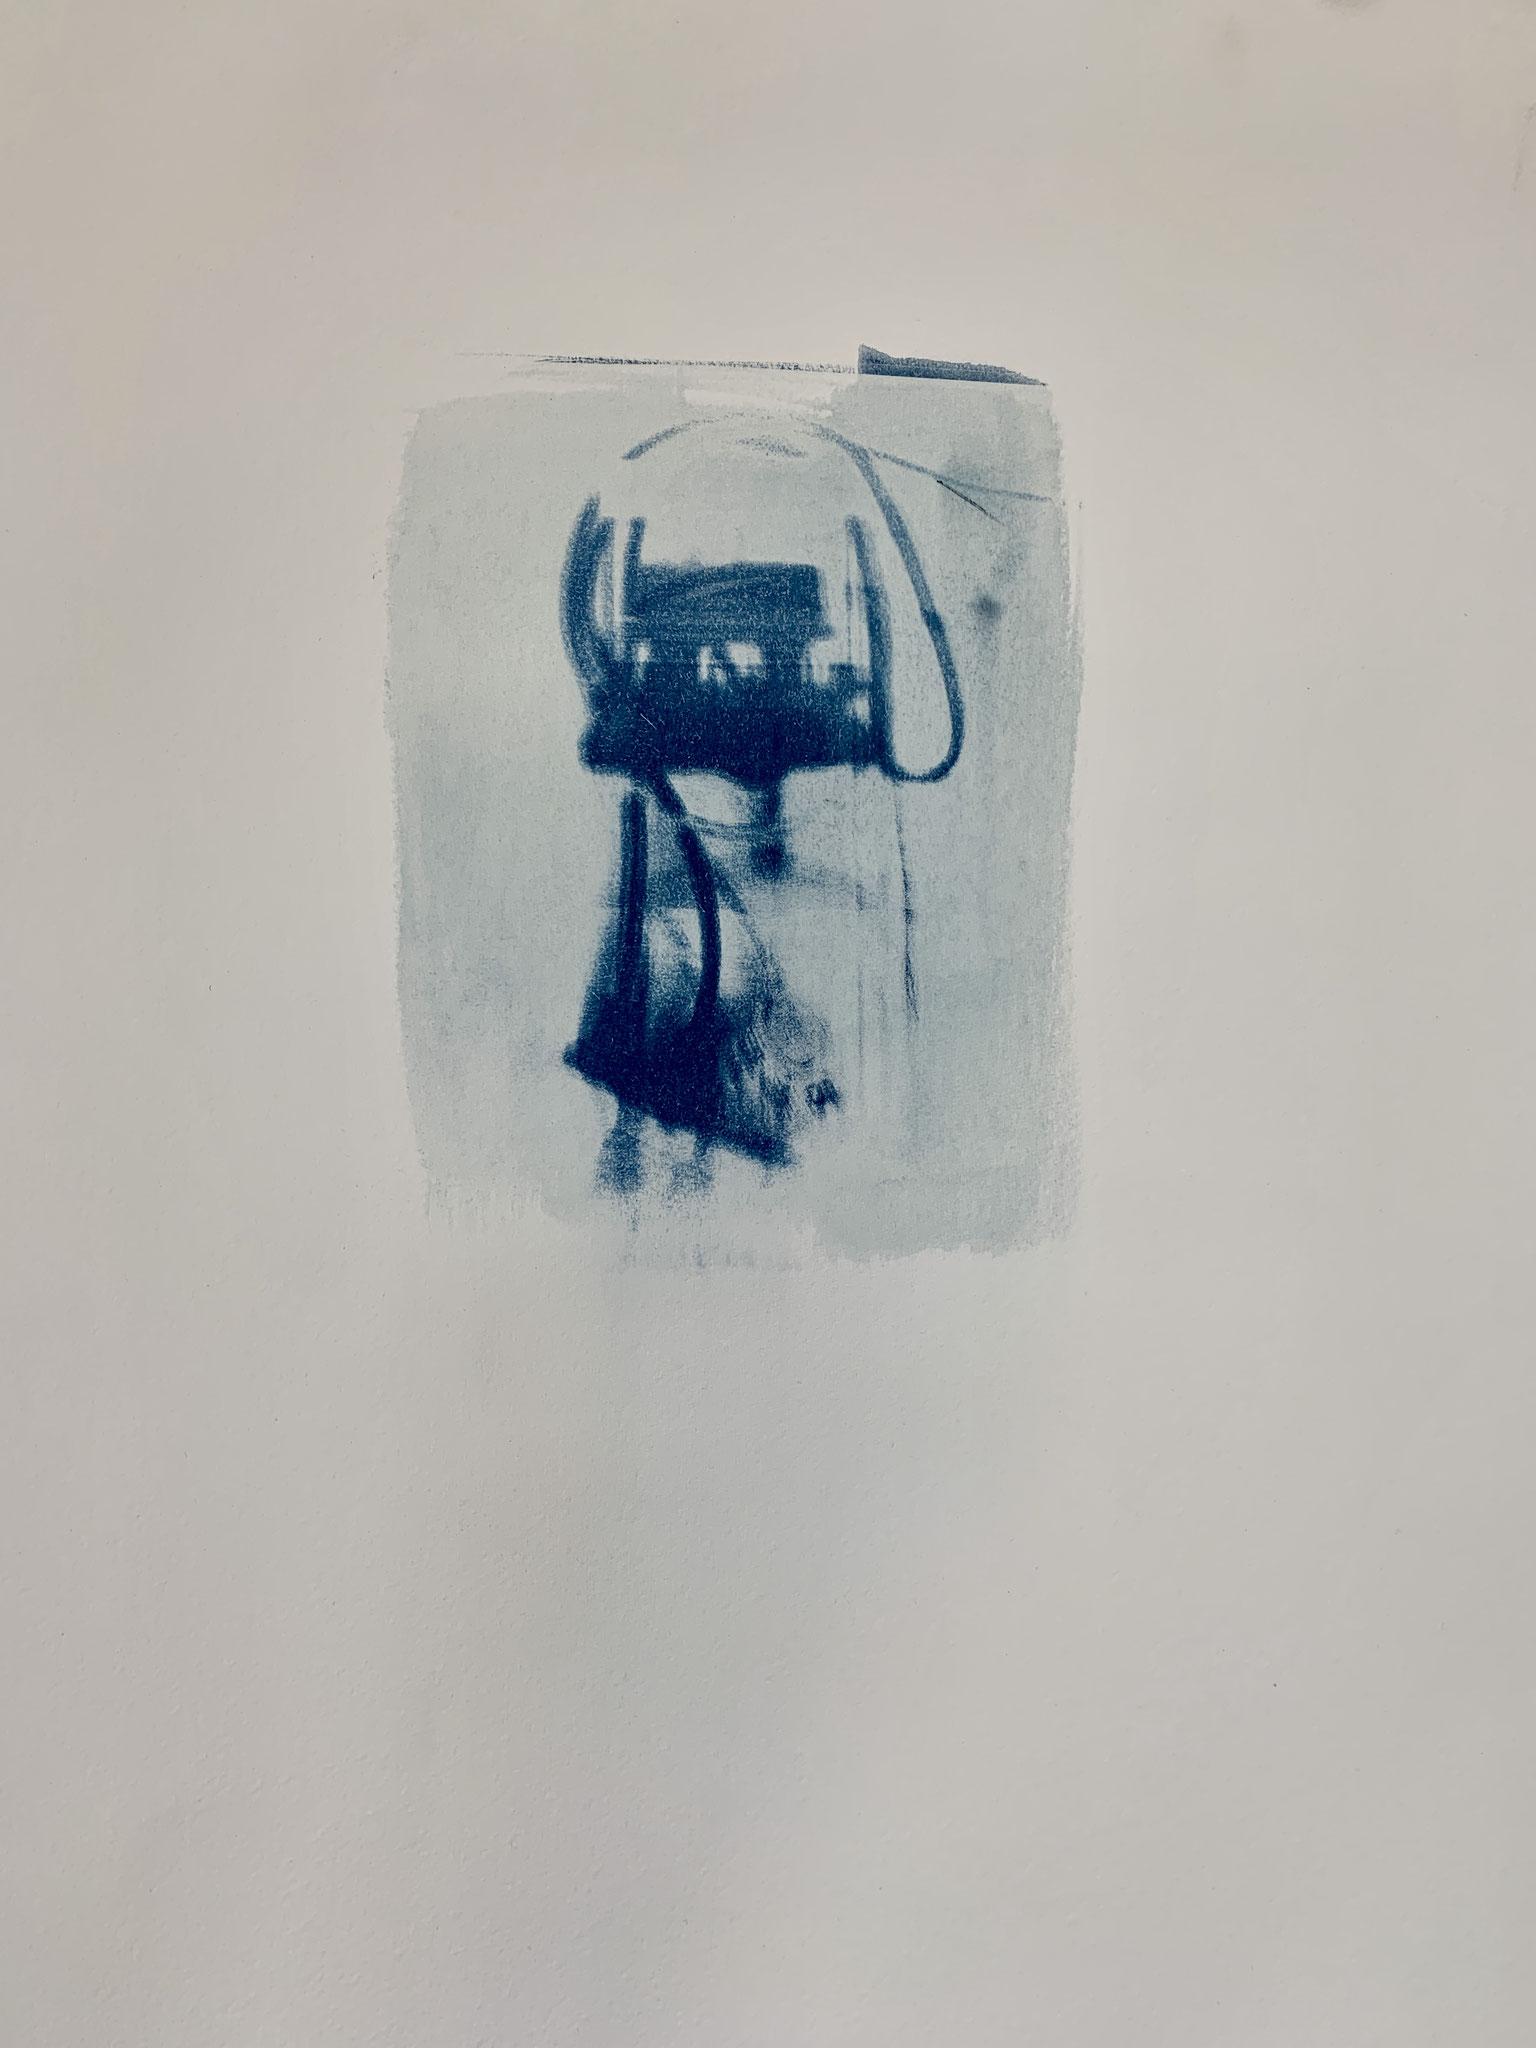 Lampenvariationen Pt.1, Cyanotypie, 40 x 50 cm,  2020